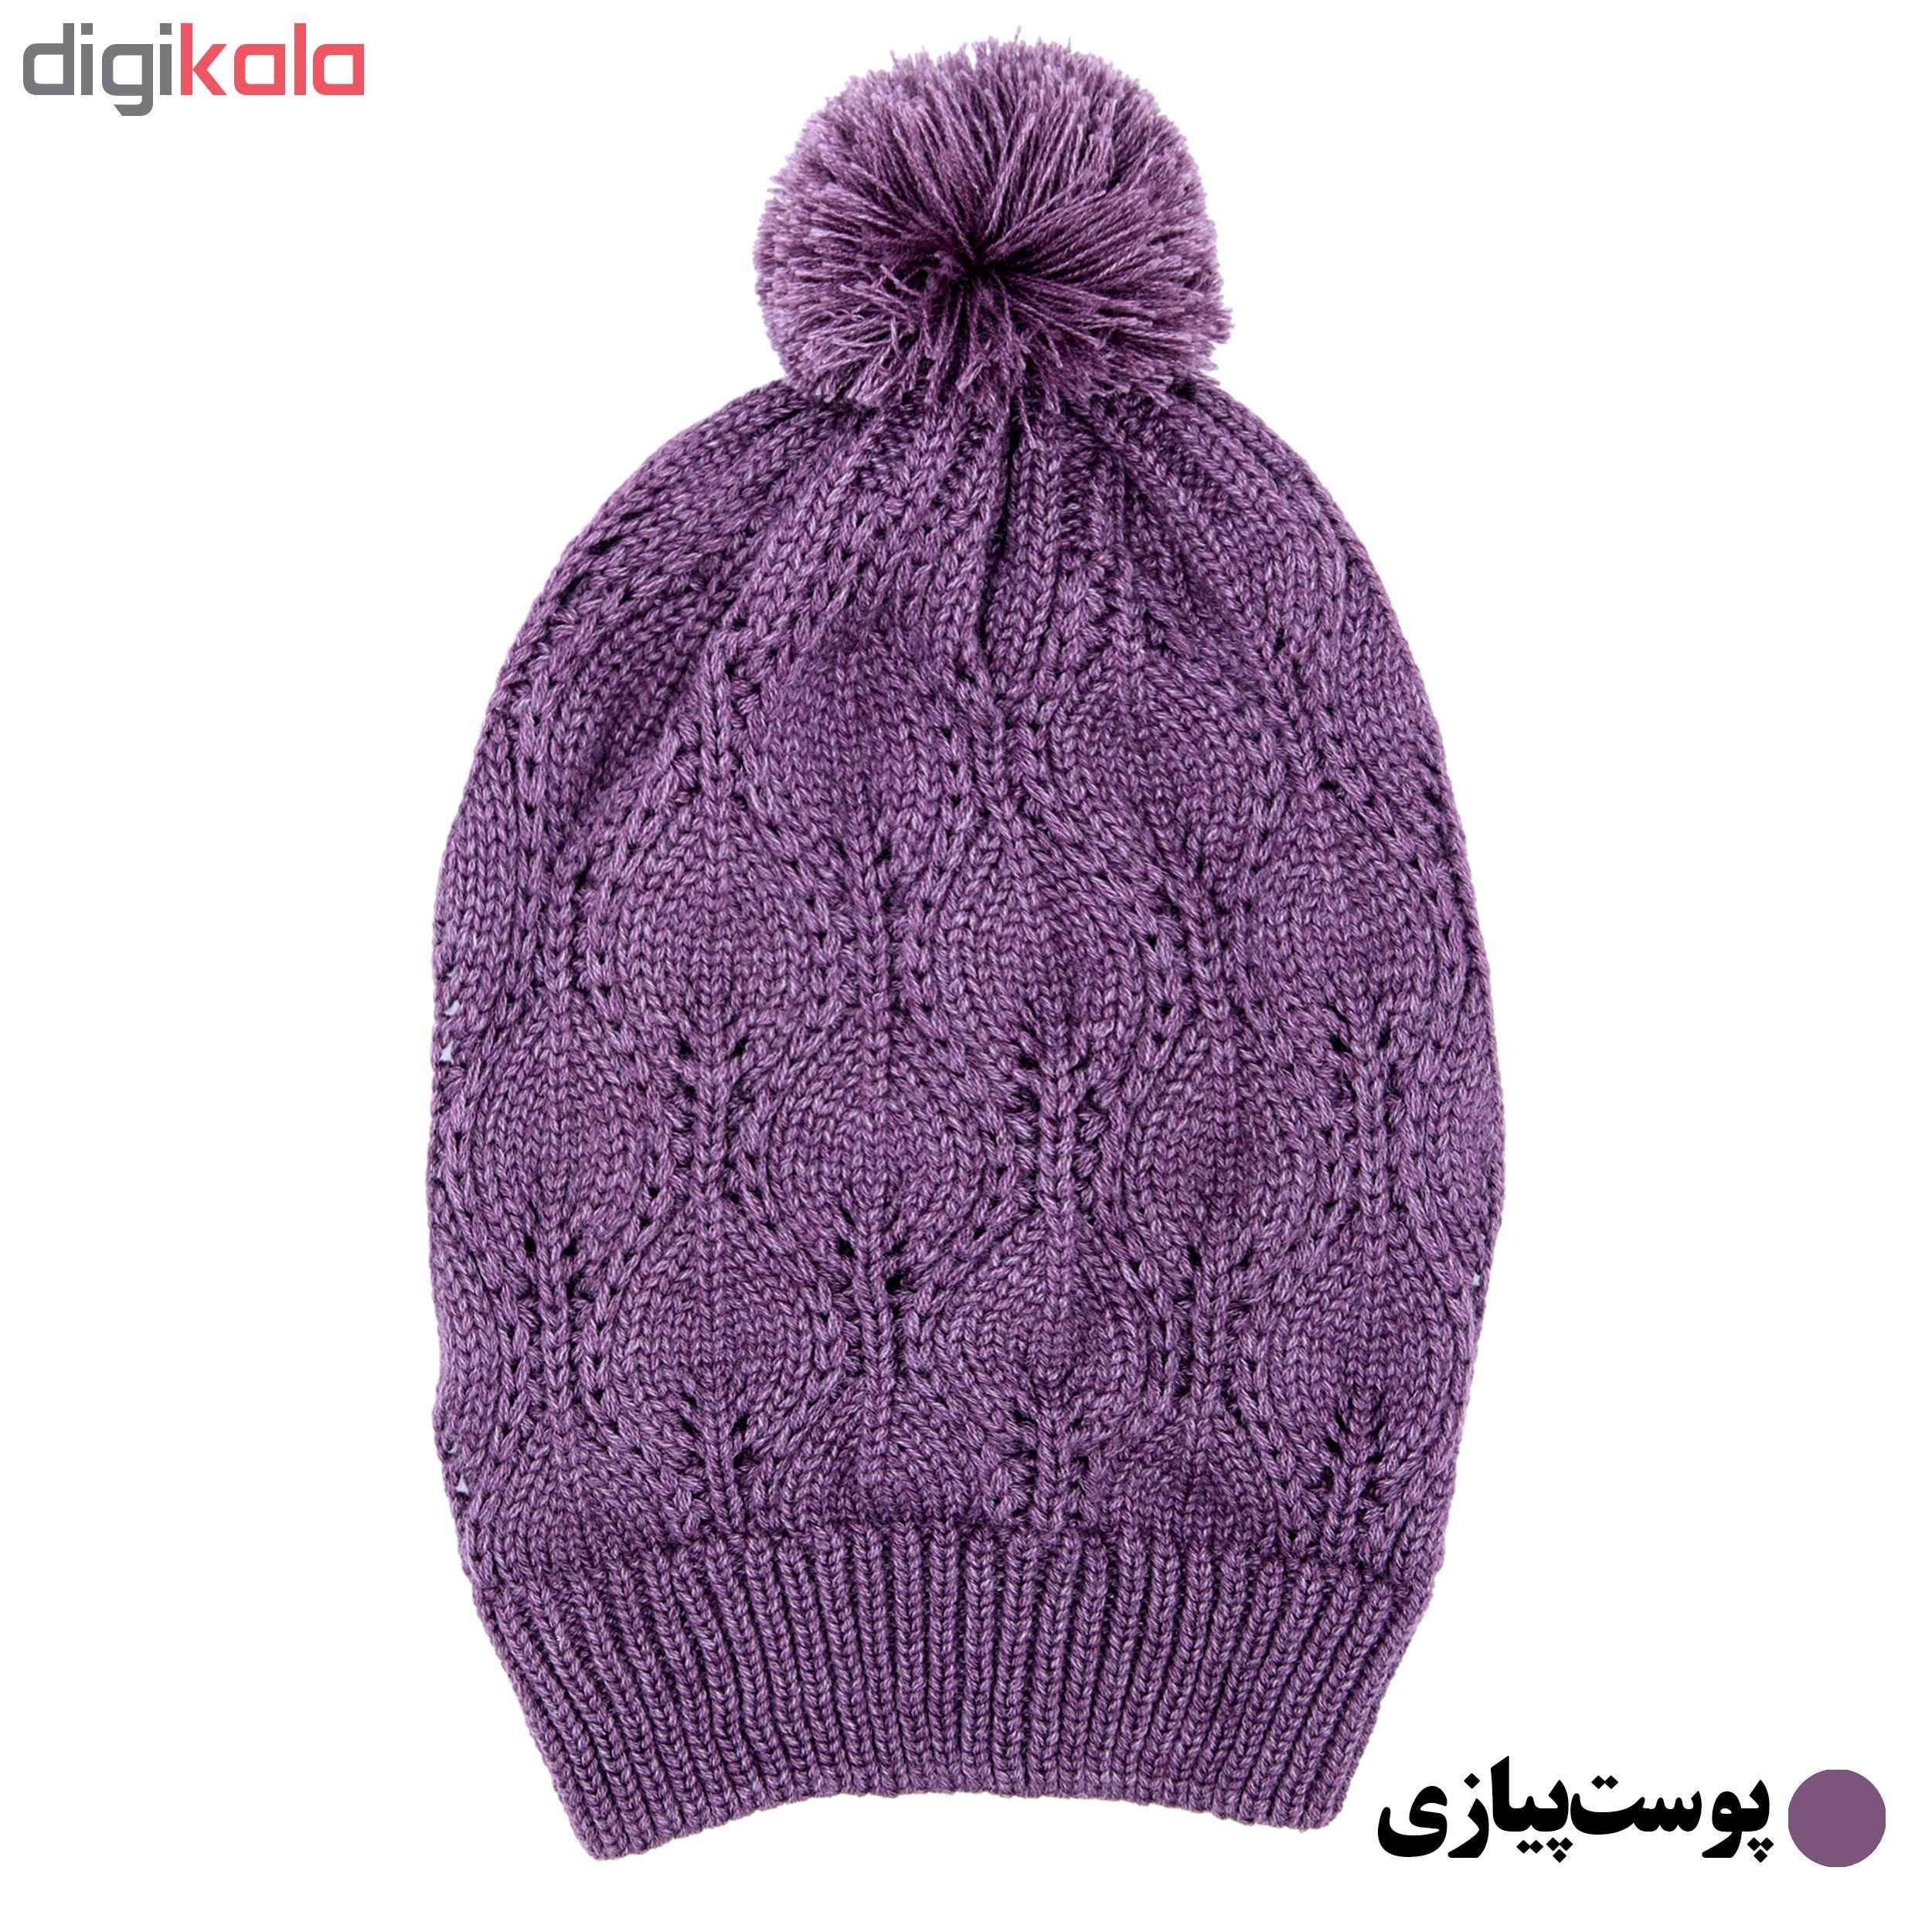 کلاه زنانه مدل z2560 -  - 5